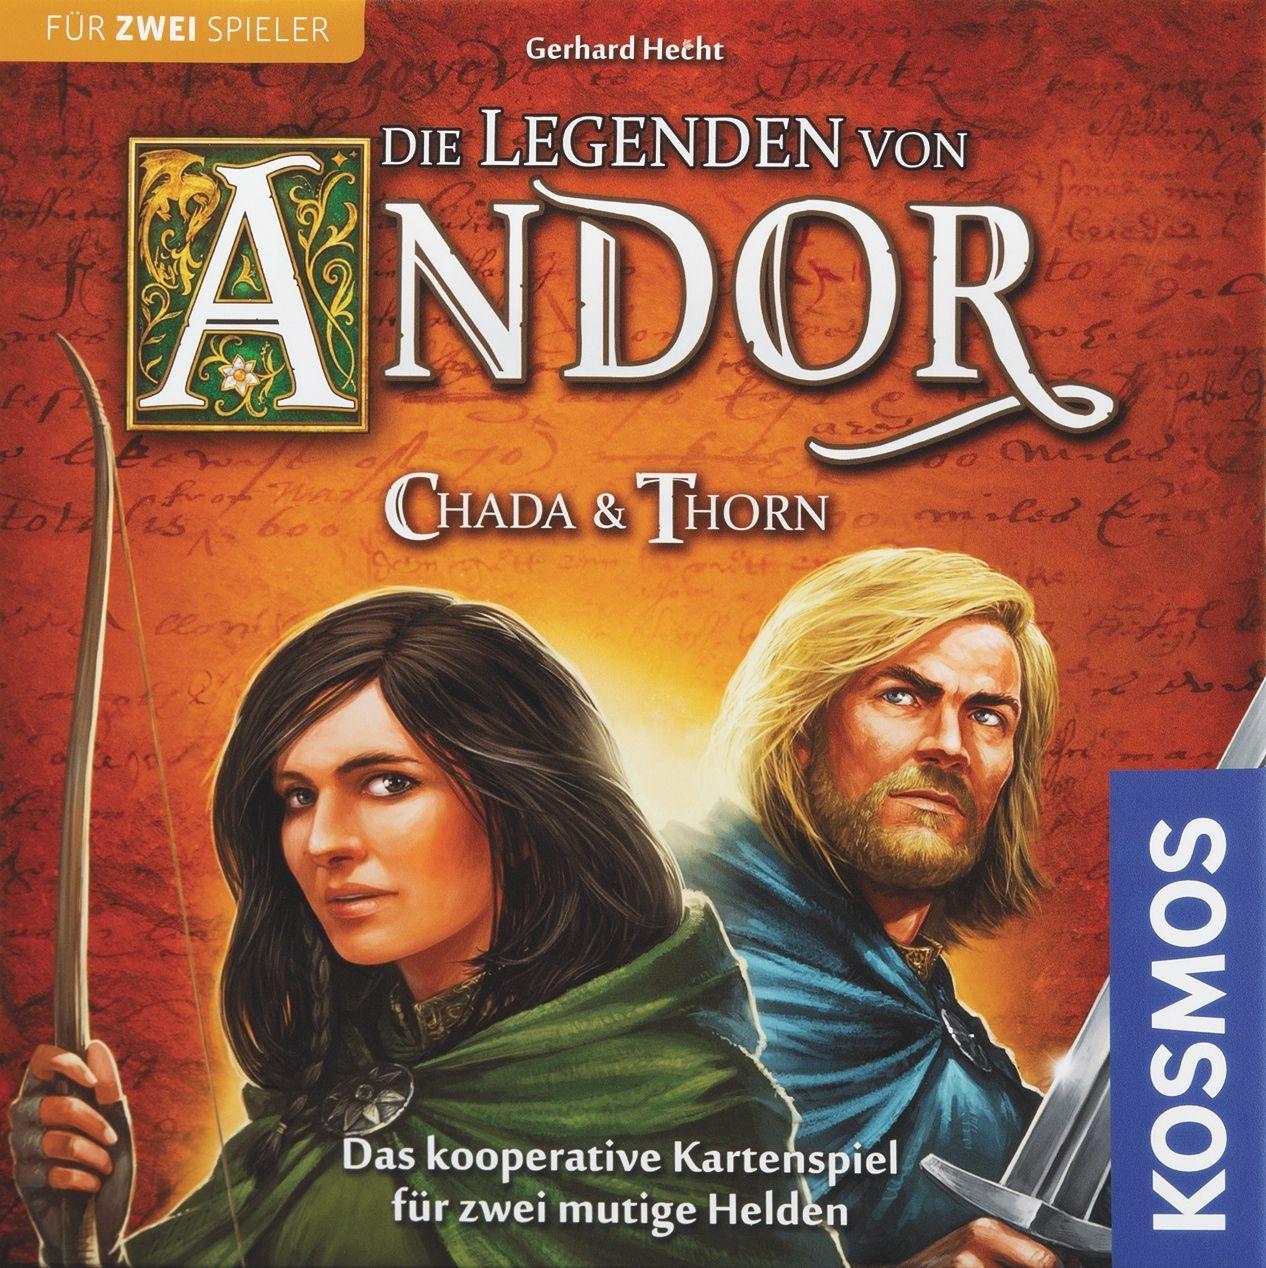 Main image for Die Legenden von Andor: Chada & Thorn